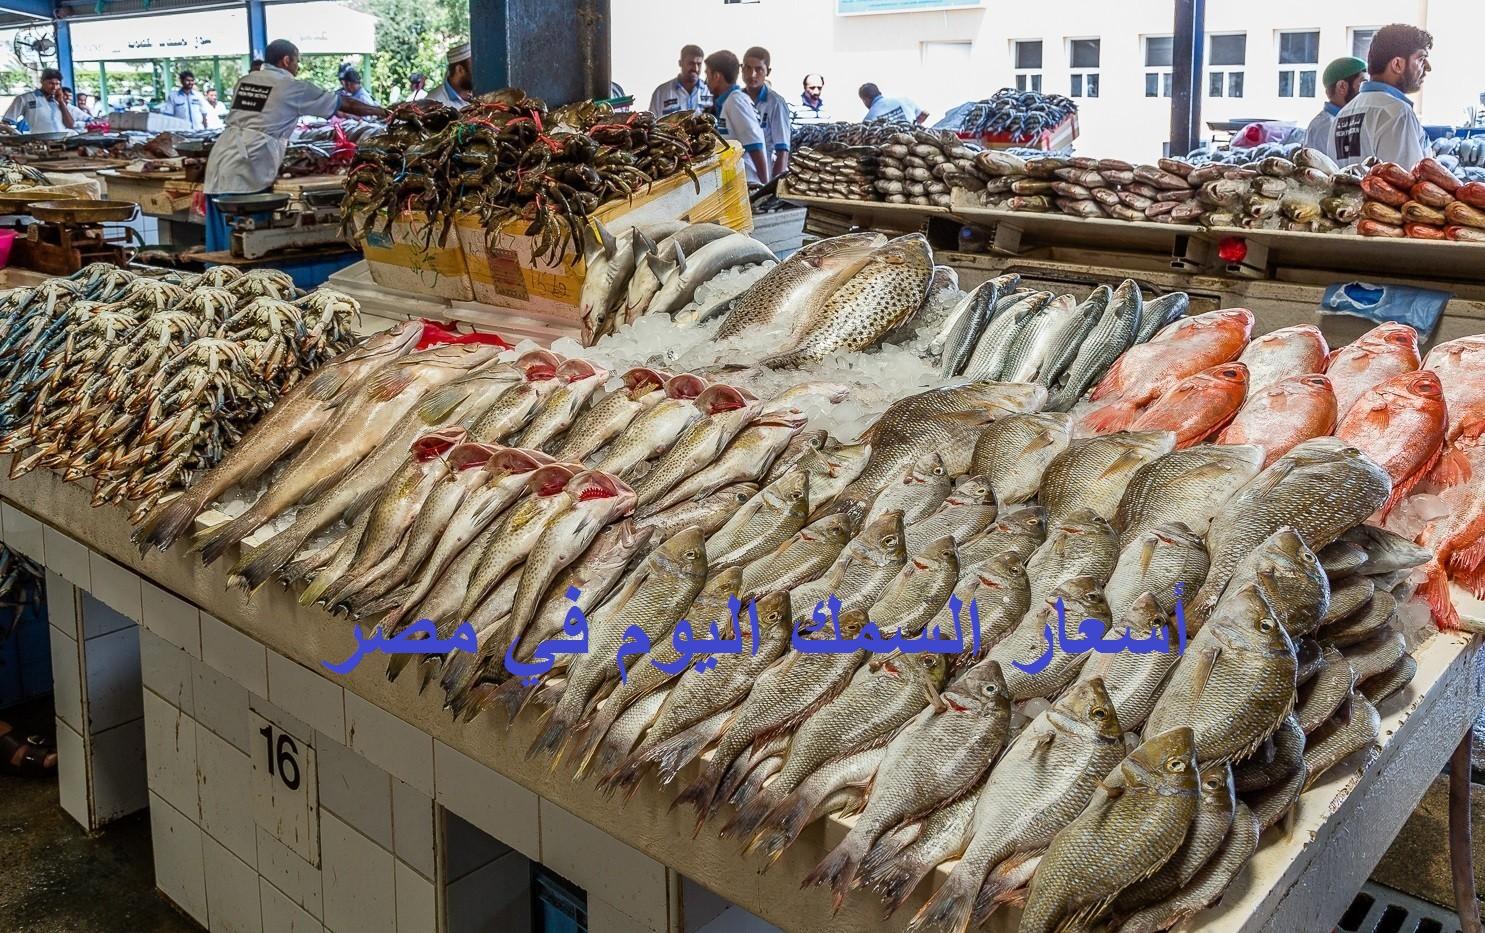 أسعار السمك اليوم الأربعاء 28 أبريل 2021.. بوري وبلطي وقراميط وقرش وجمبري 3